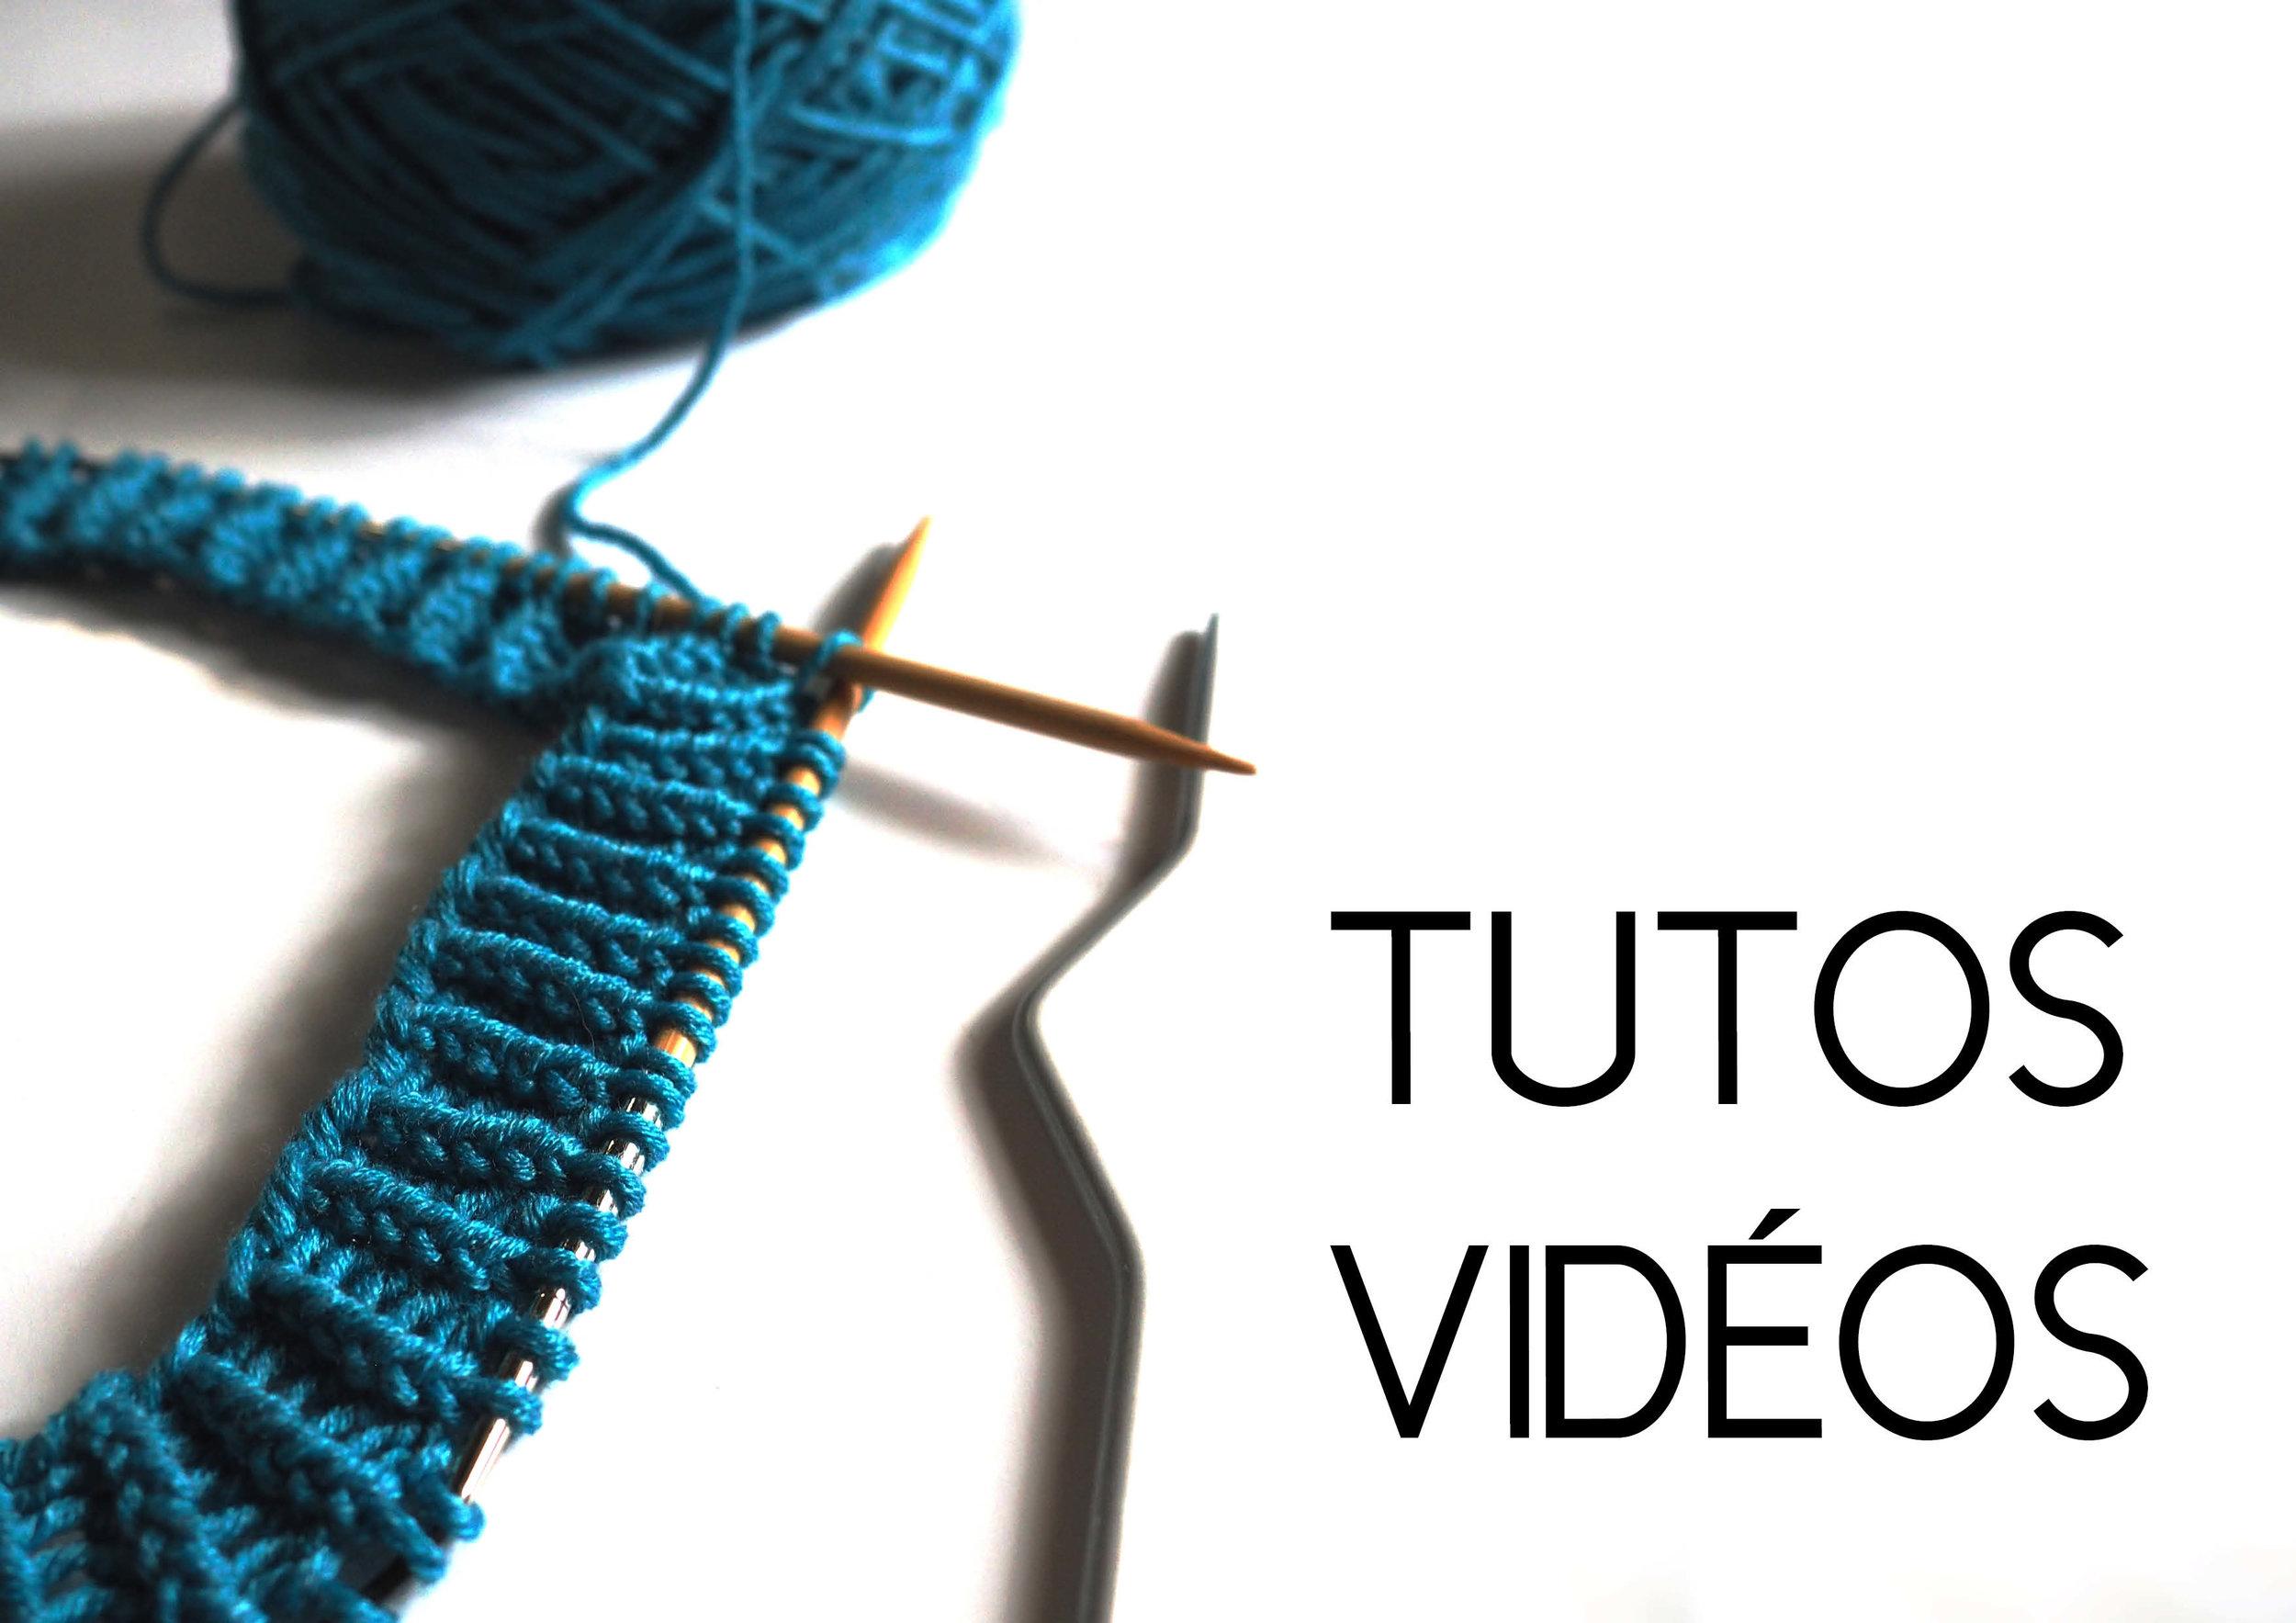 website_video_tutofr.jpg